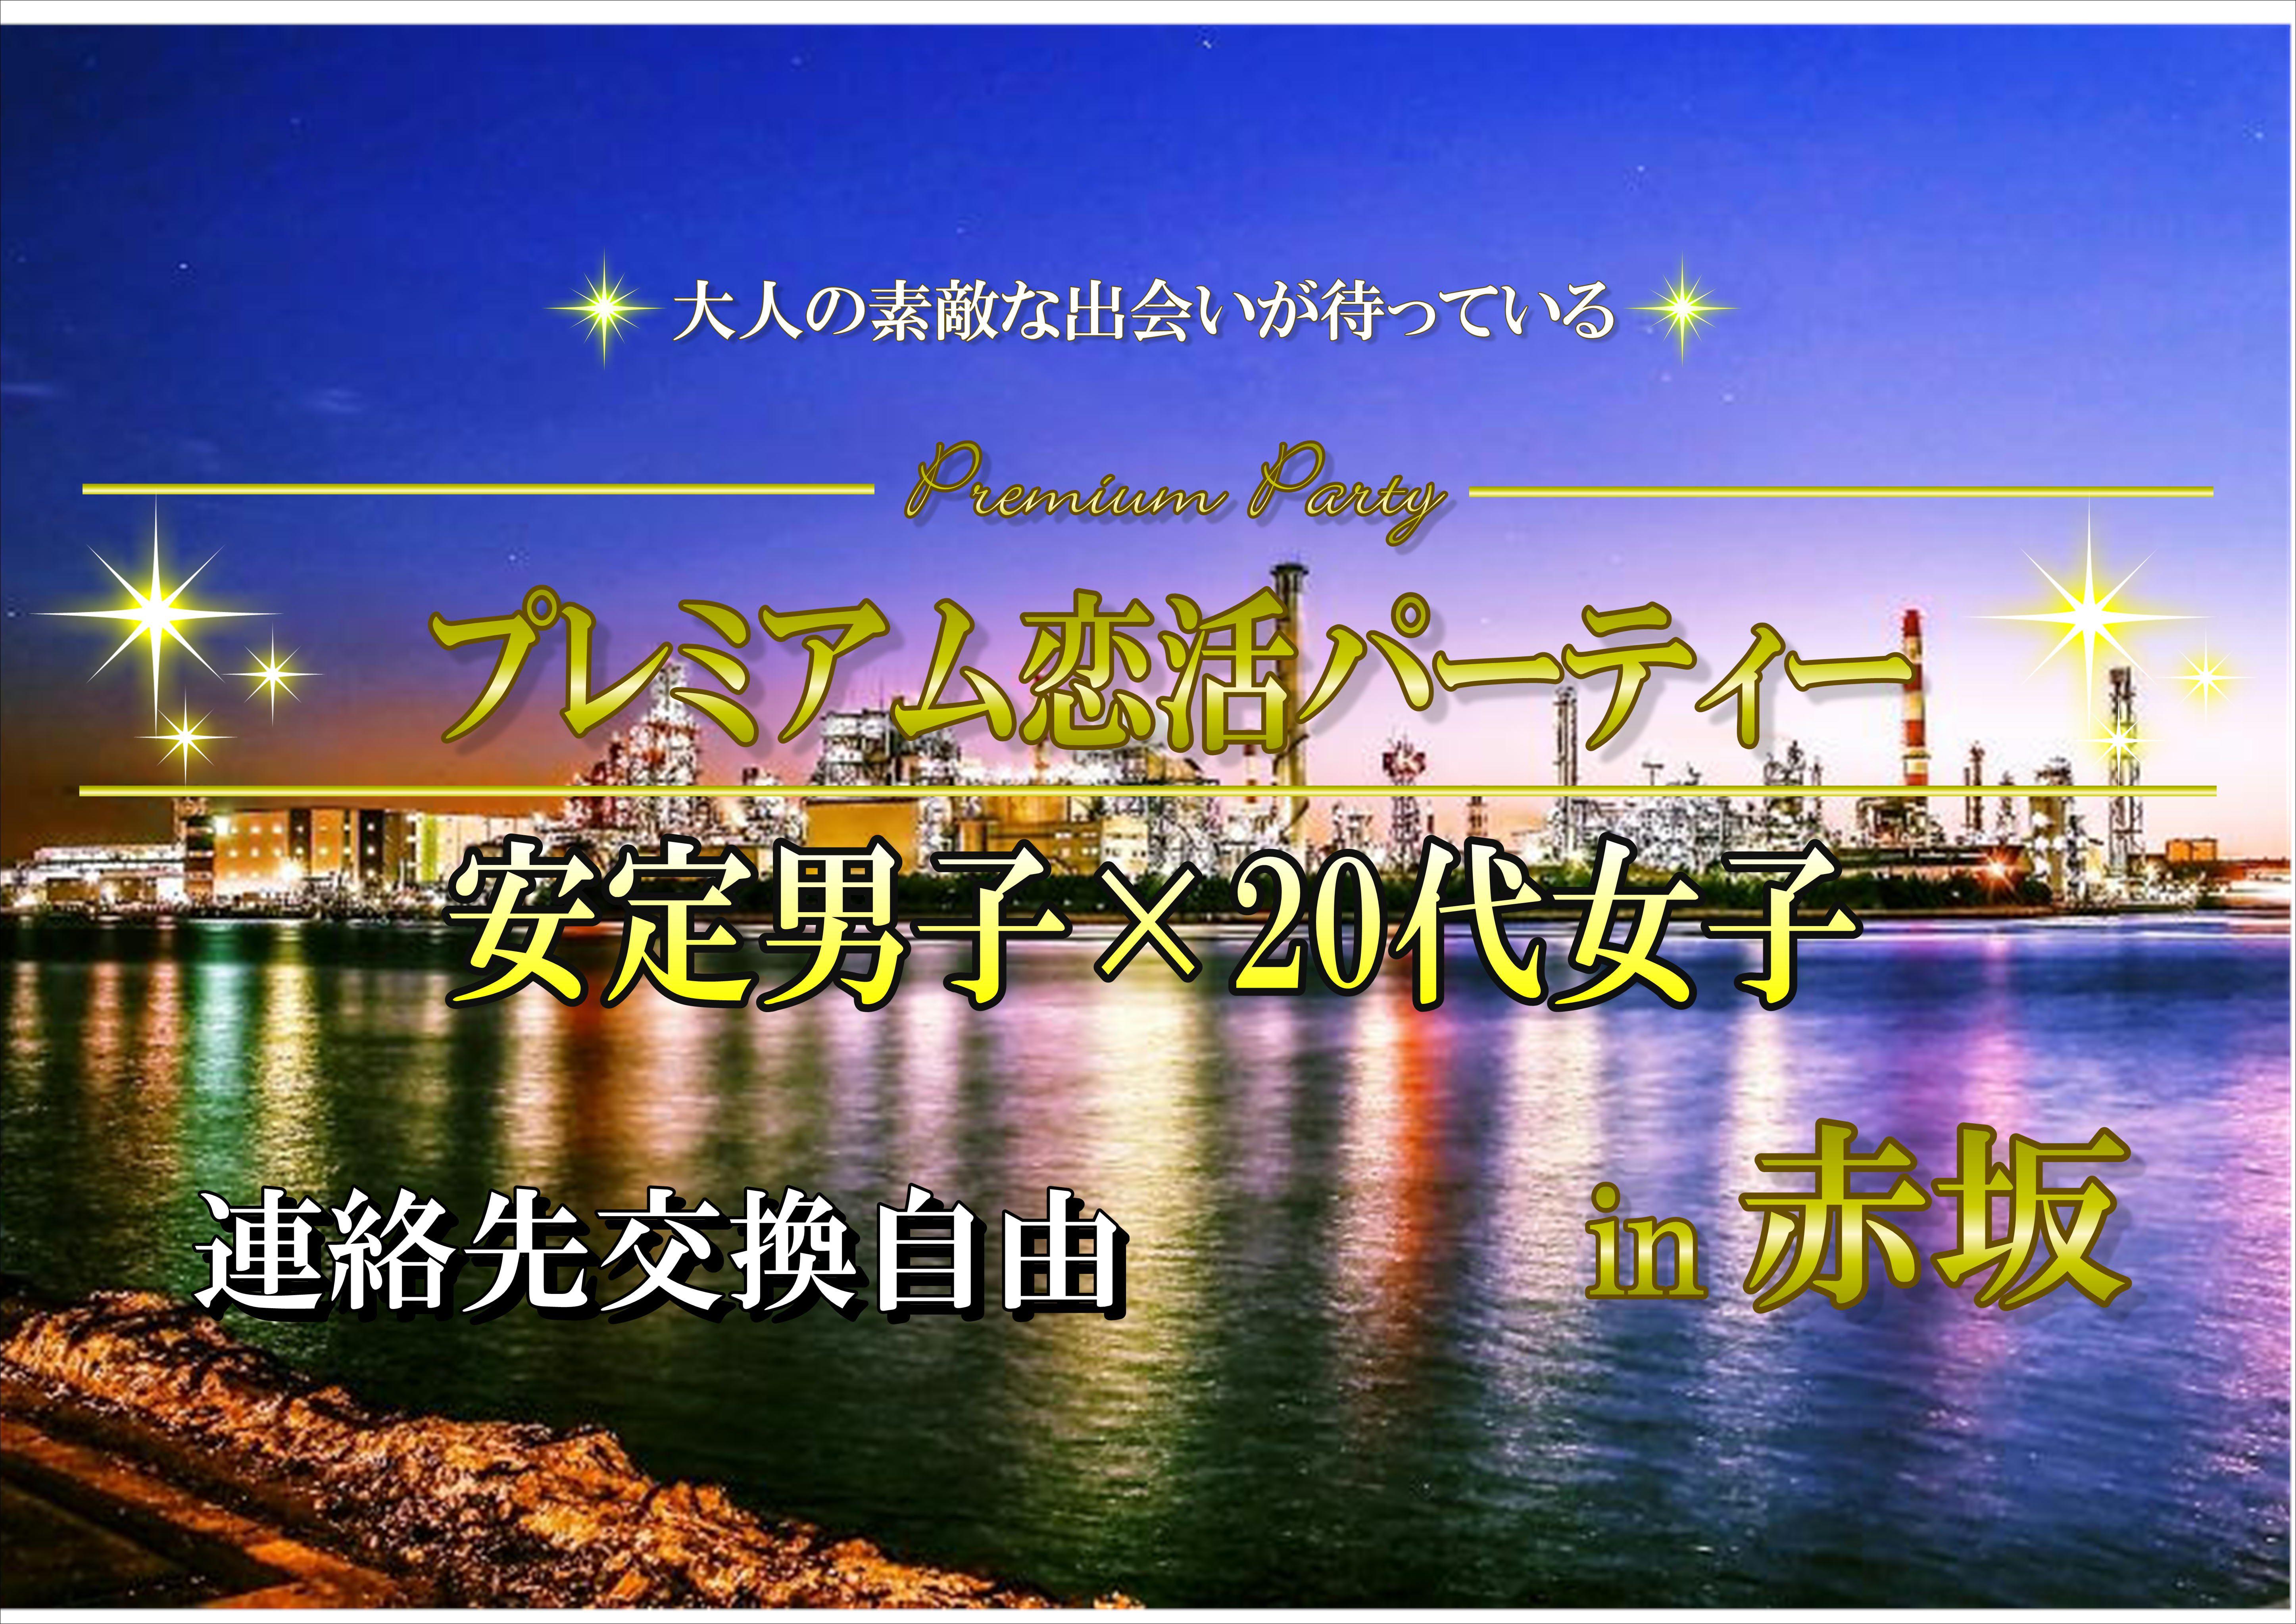 大人気イベント!!【安定男子】×【20代女子】恋活パーティin赤坂♪